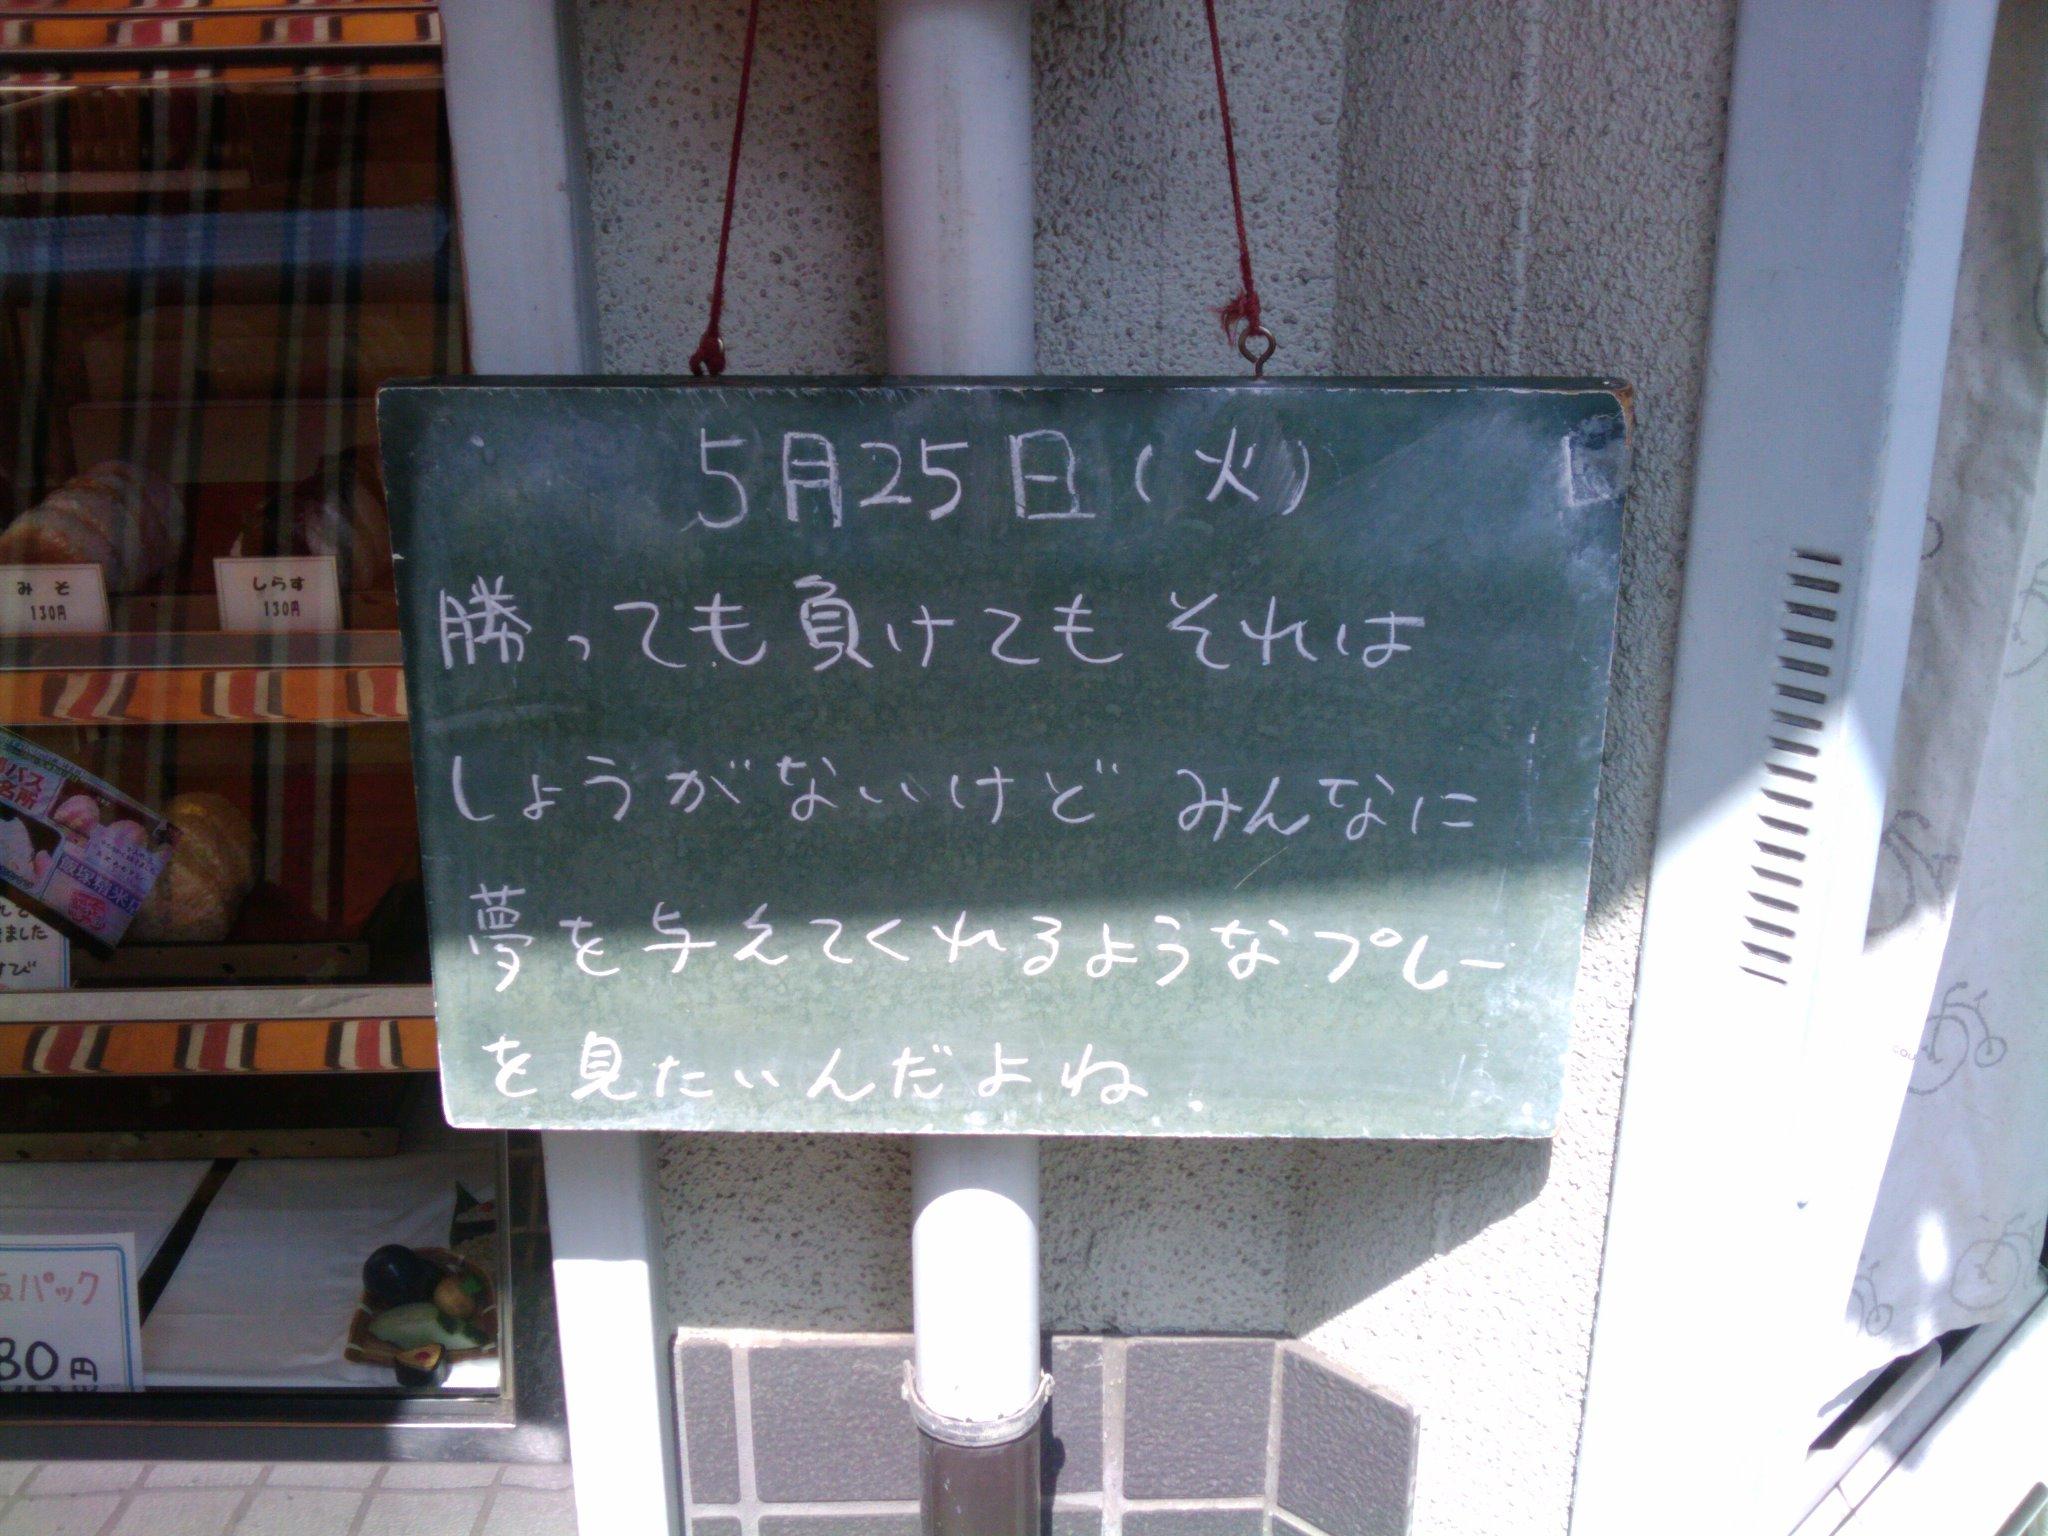 日々続ける大切さ―近所のお米屋さんから学ぶ_e0123104_6431996.jpg